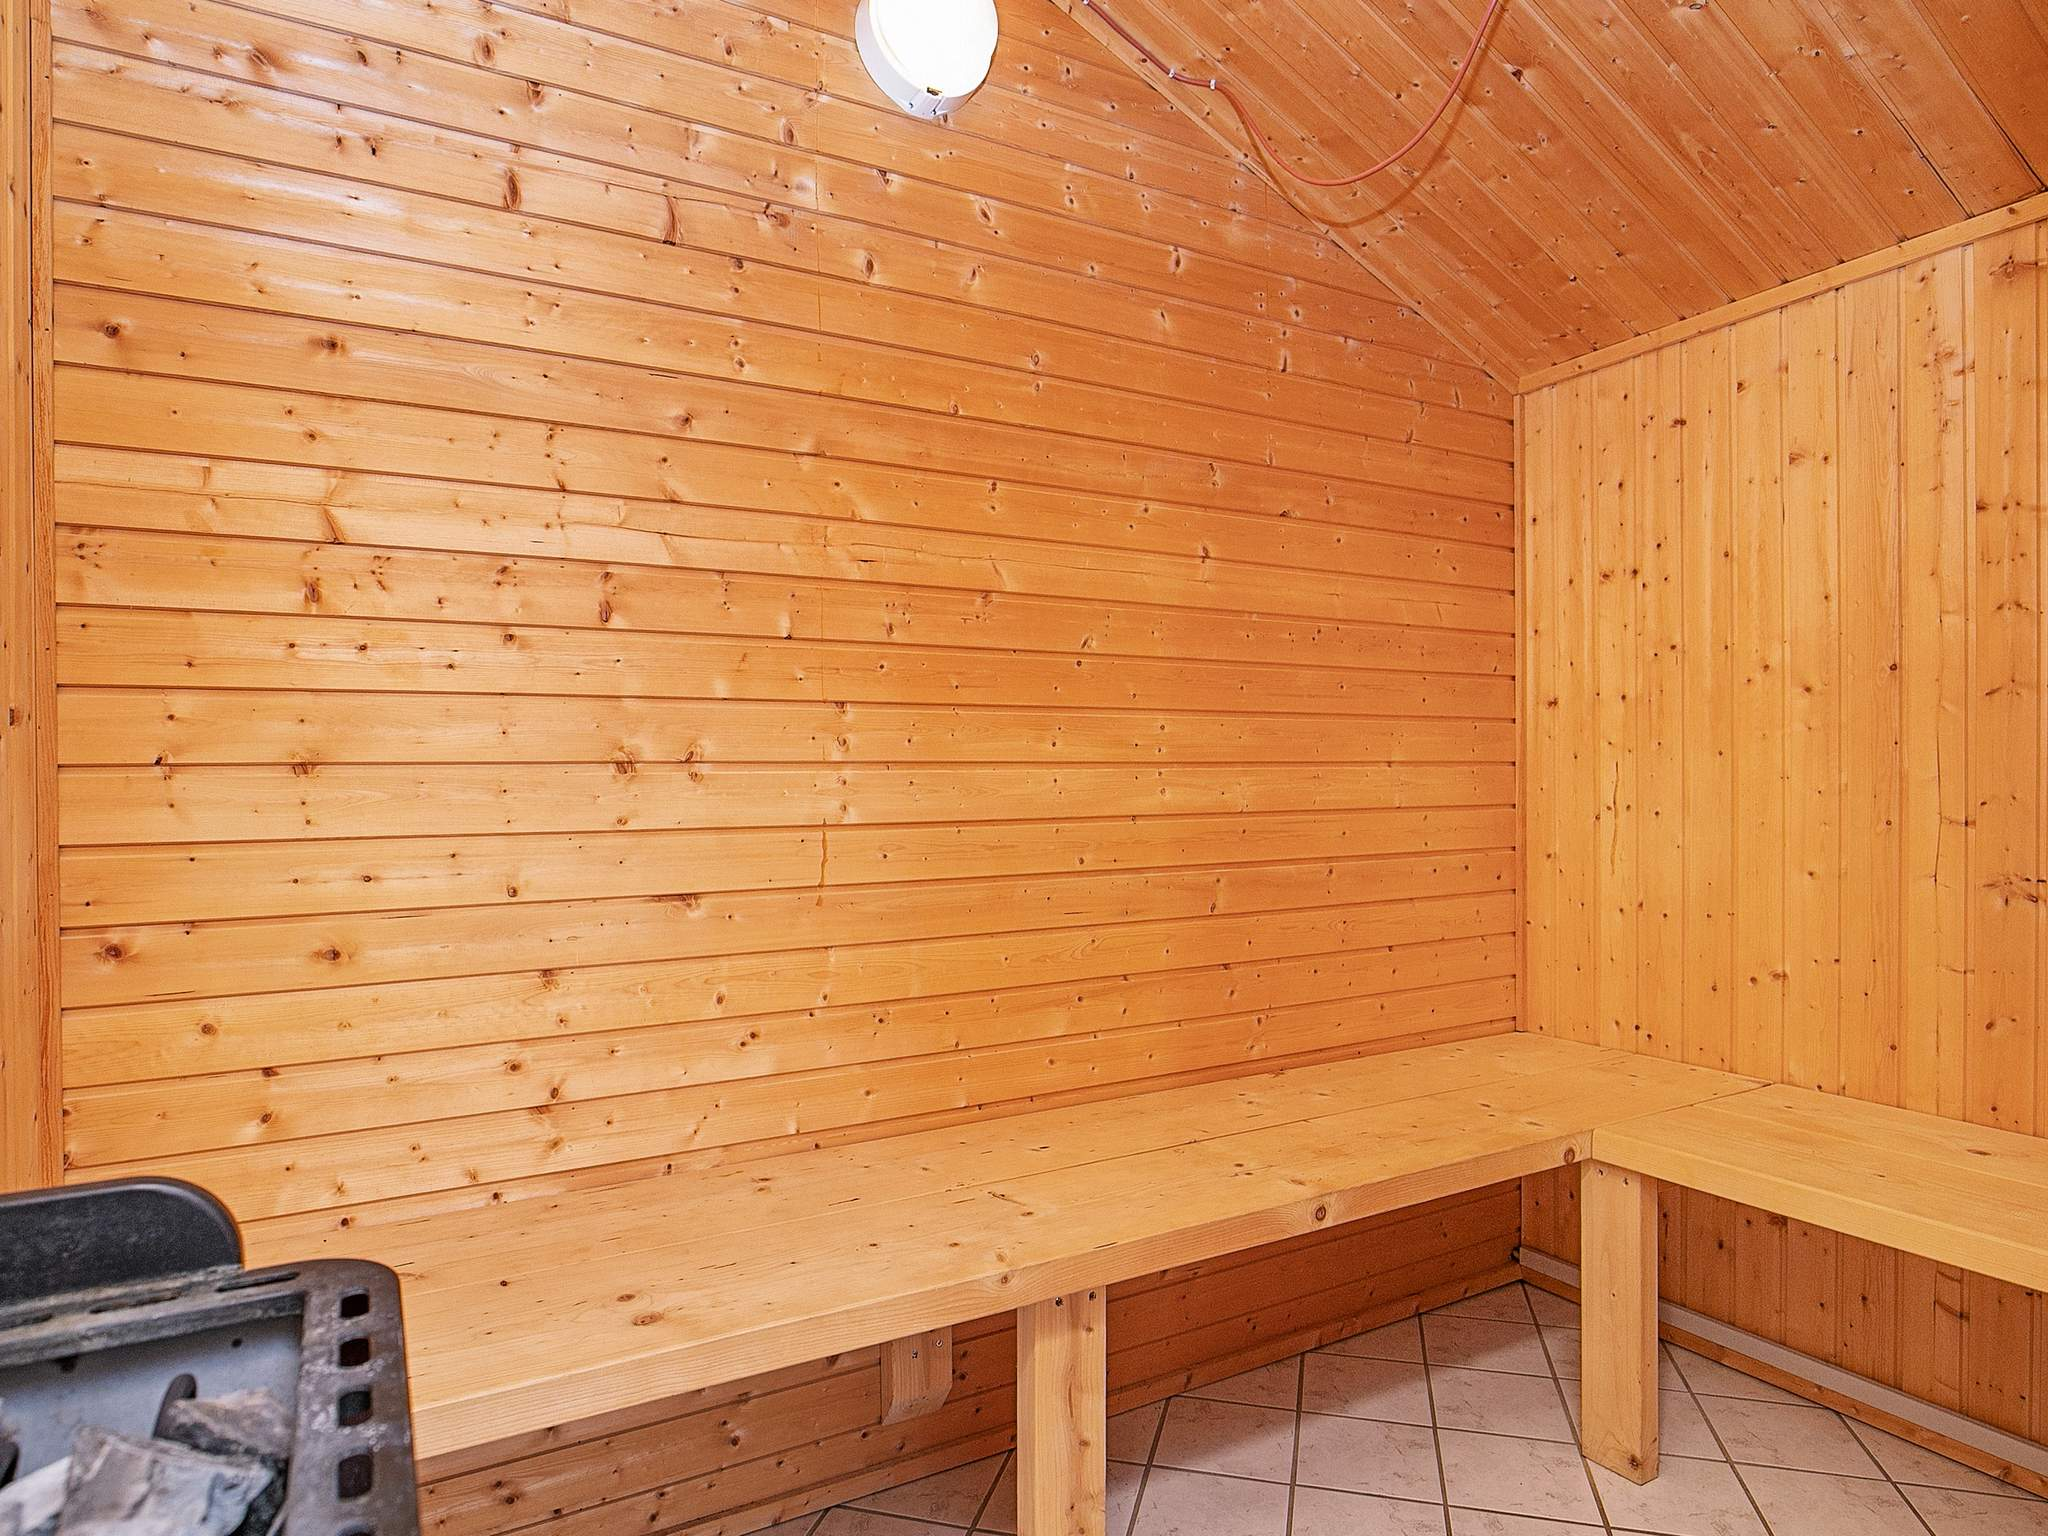 Ferienhaus Houvig (84897), Ringkøbing, Ringkøbing Fjord, Westjütland, Dänemark, Bild 21